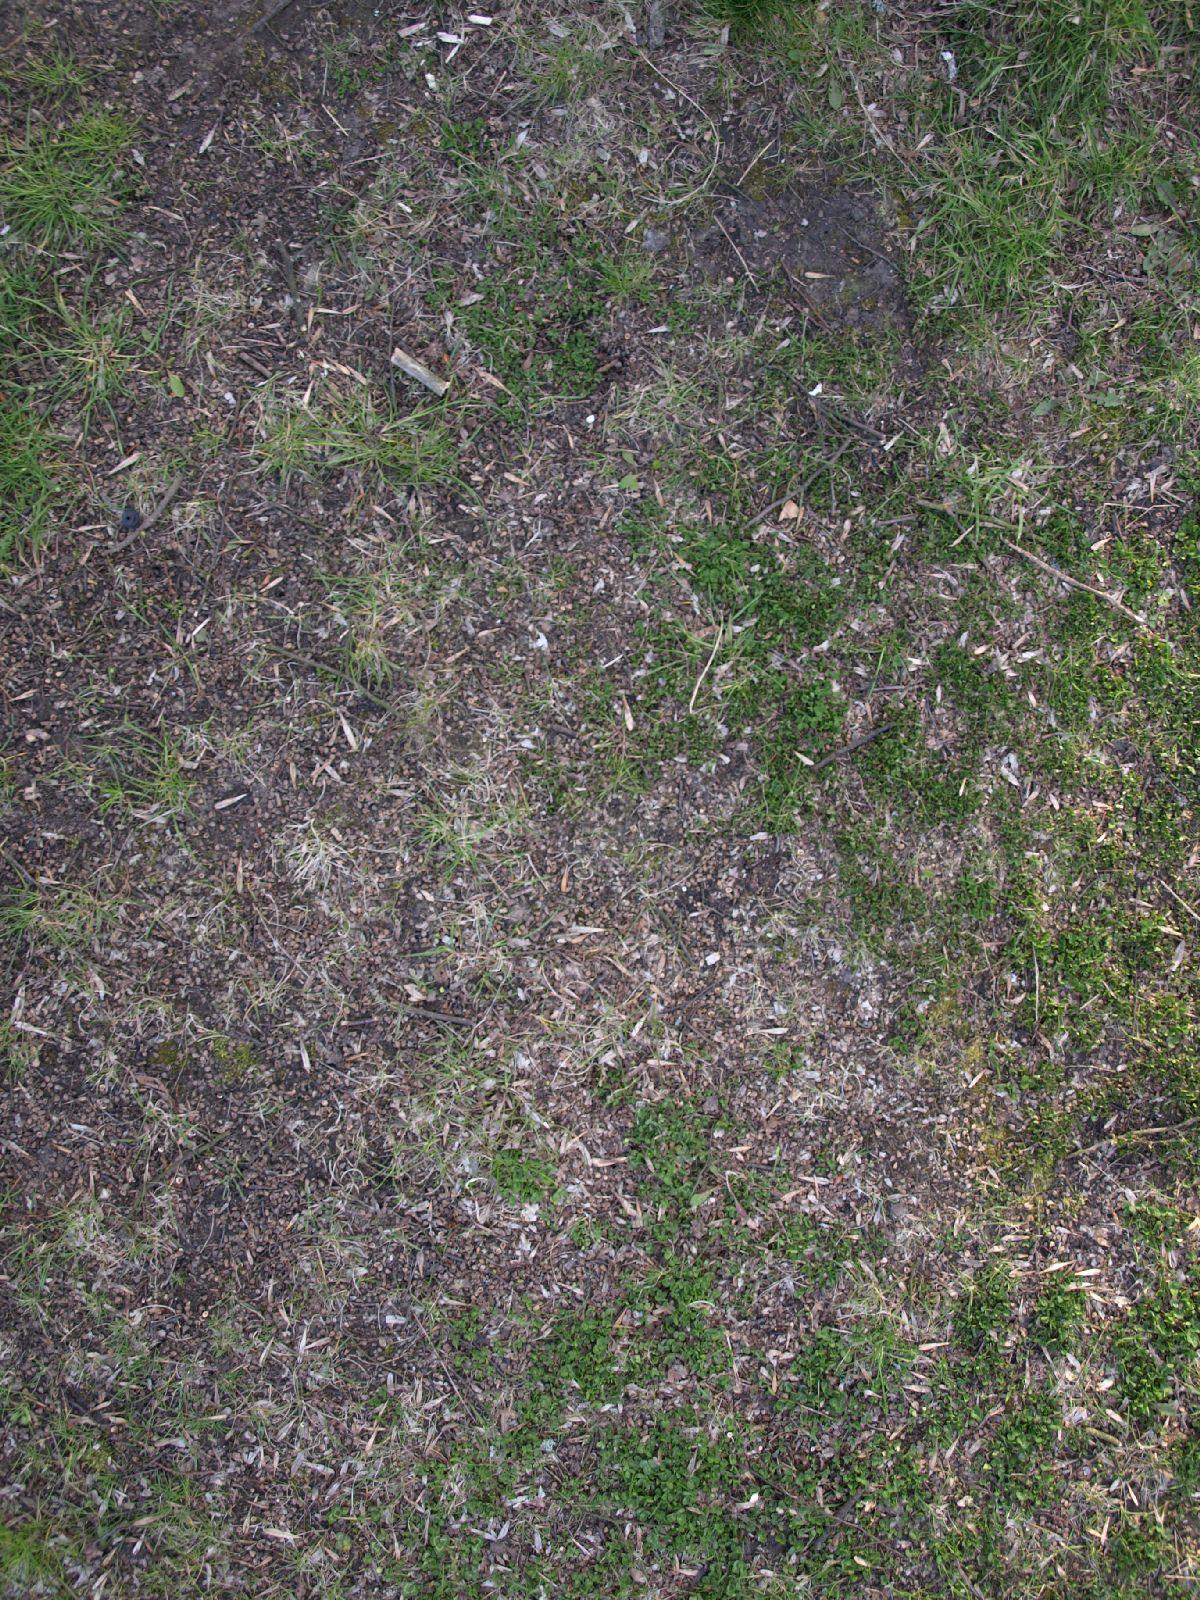 Boden-Gras-Moos-Blumen_Textur_A_P4120947